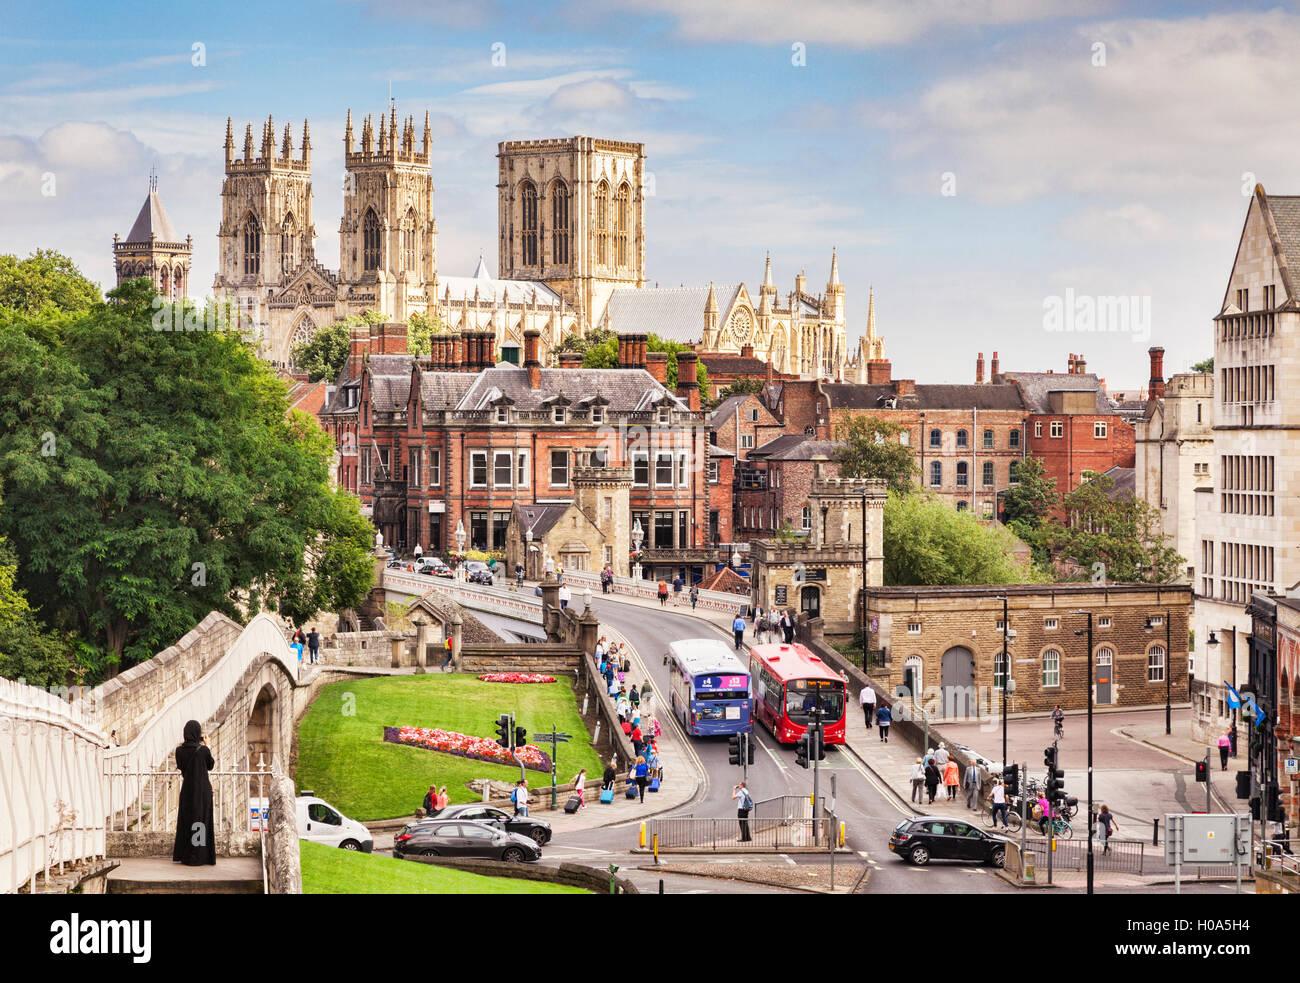 El centro de la ciudad, la Catedral y la Muralla, North Yorkshire, Inglaterra, Reino Unido. Imagen De Stock